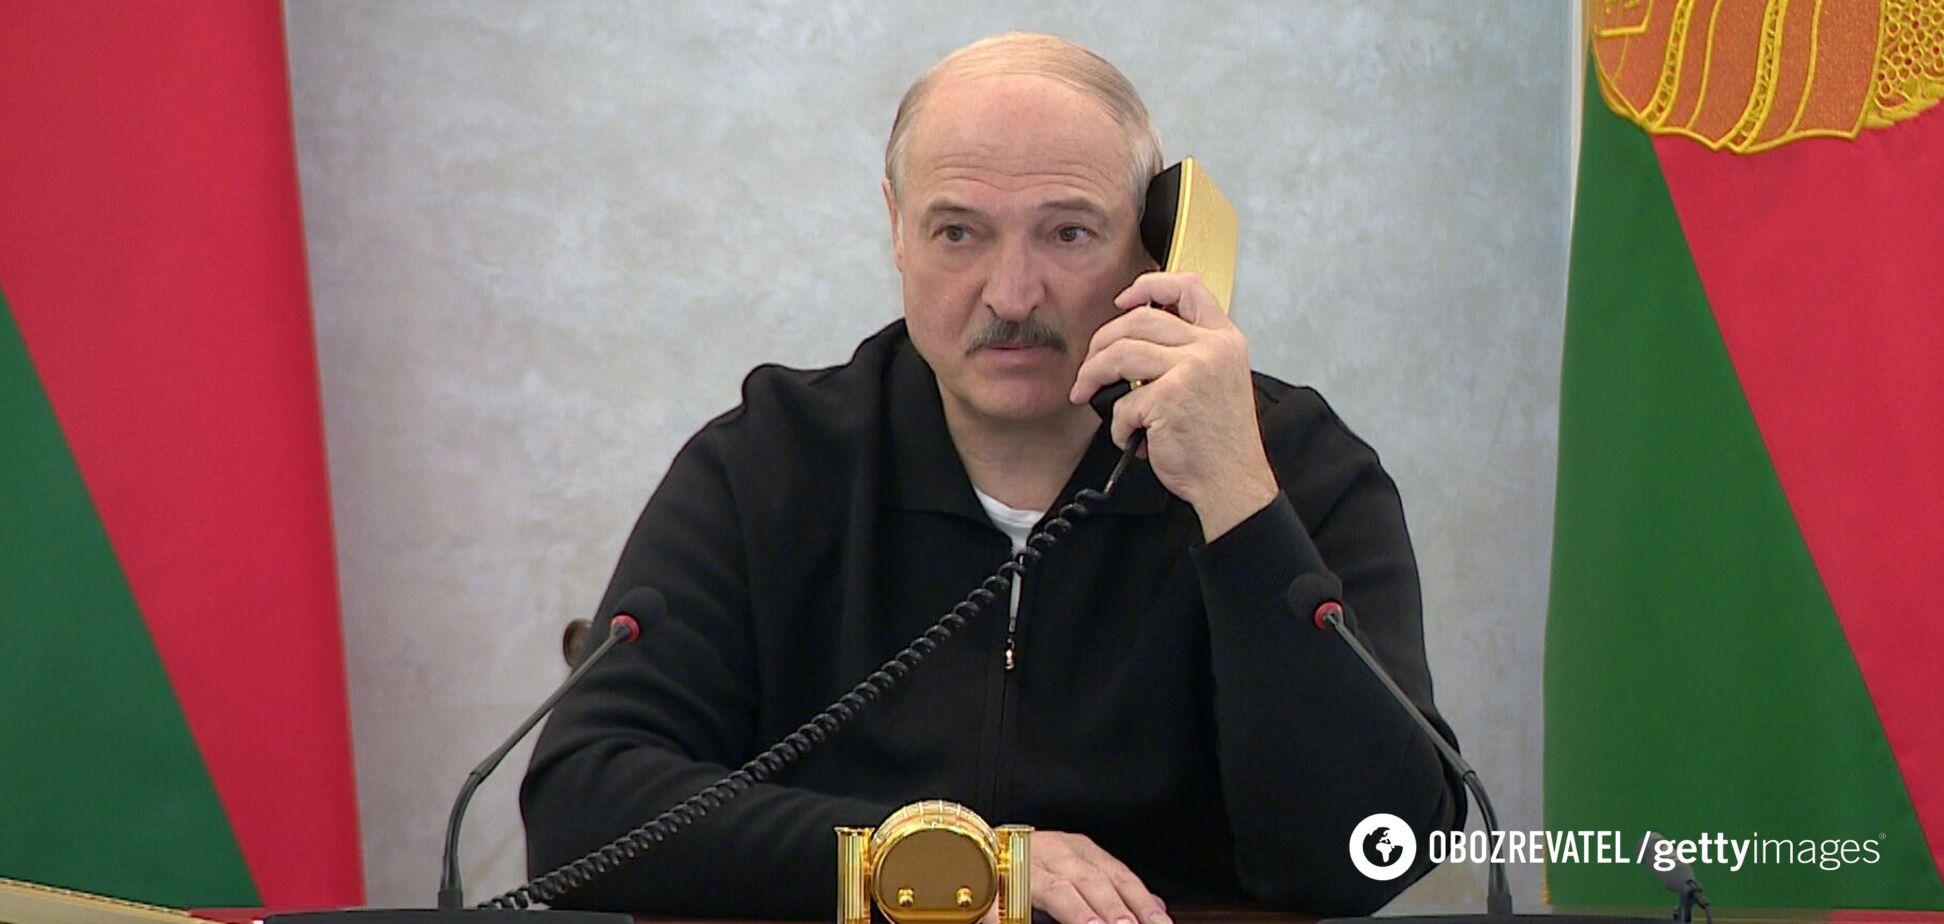 Хто з лідерів привітав Лукашенка з 'інавгурацією'